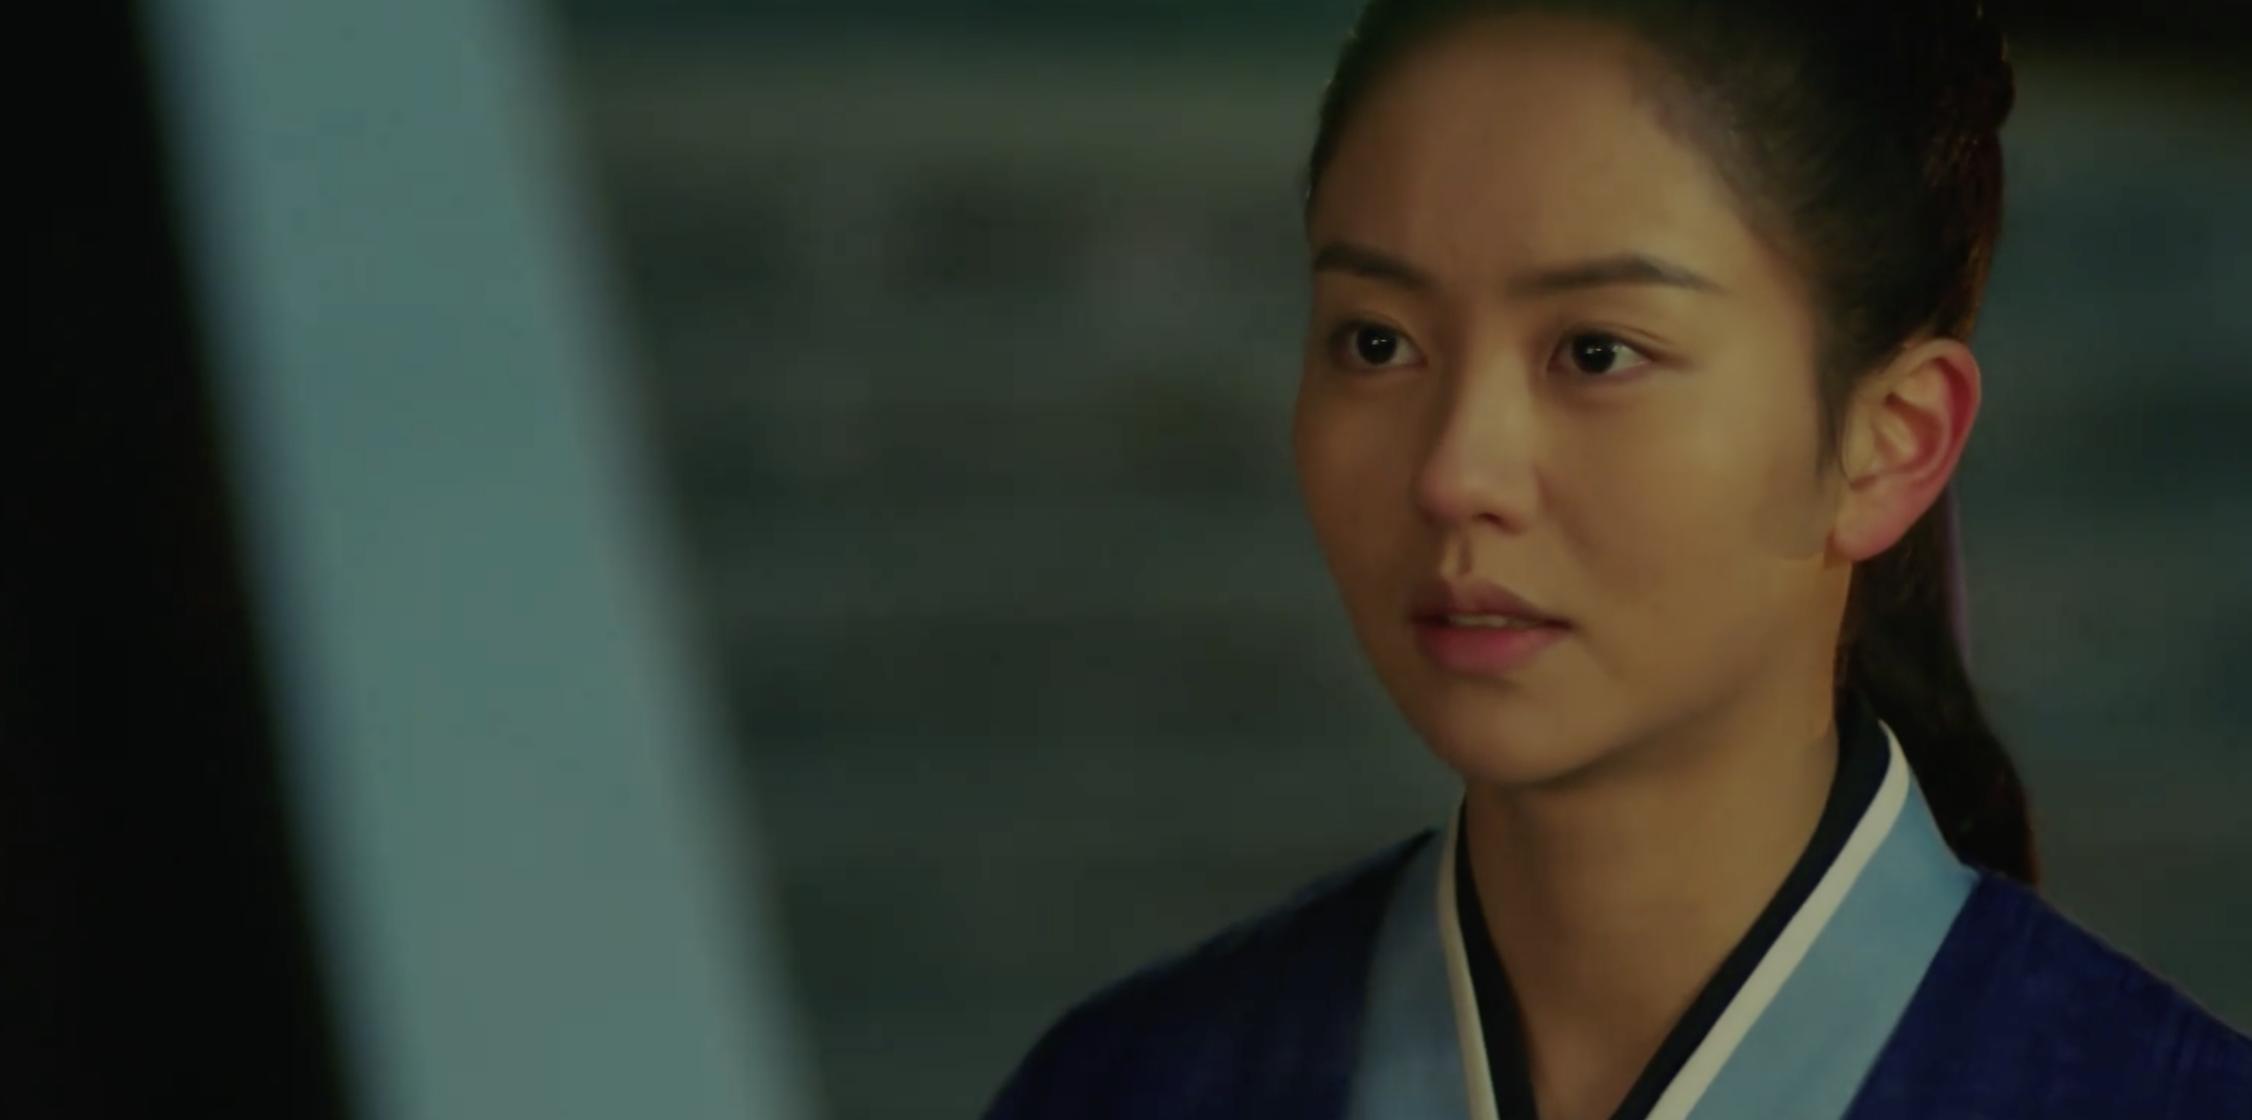 Vừa mới dẫn Kim So Hyun về ra mắt, Ji Soo phát hiện crush là kẻ gián tiếp giết cha ở Sông Đón Trăng Lên? - Ảnh 4.